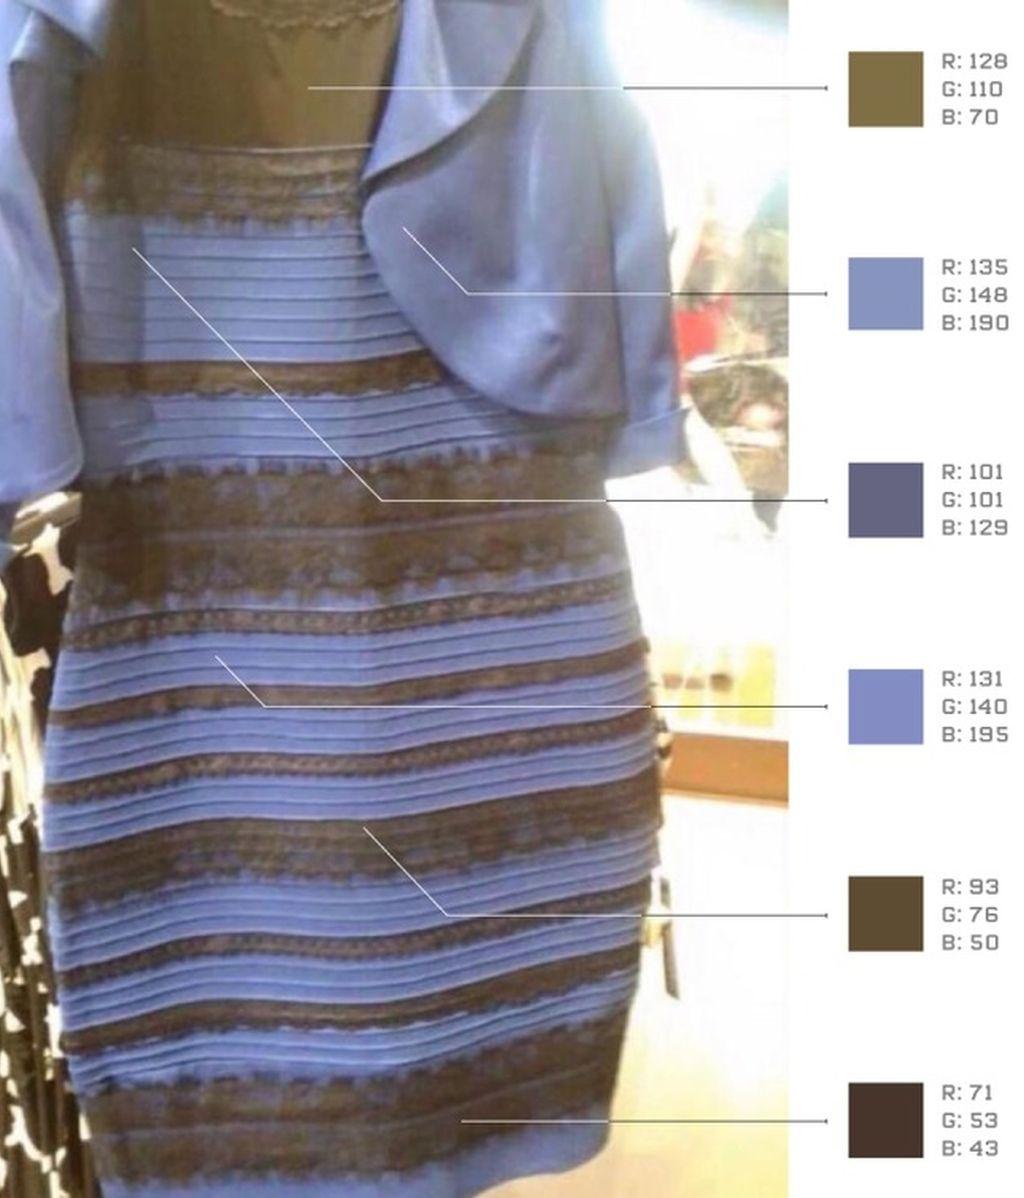 color-vestido_MDSIMA20150227_0079_36.png